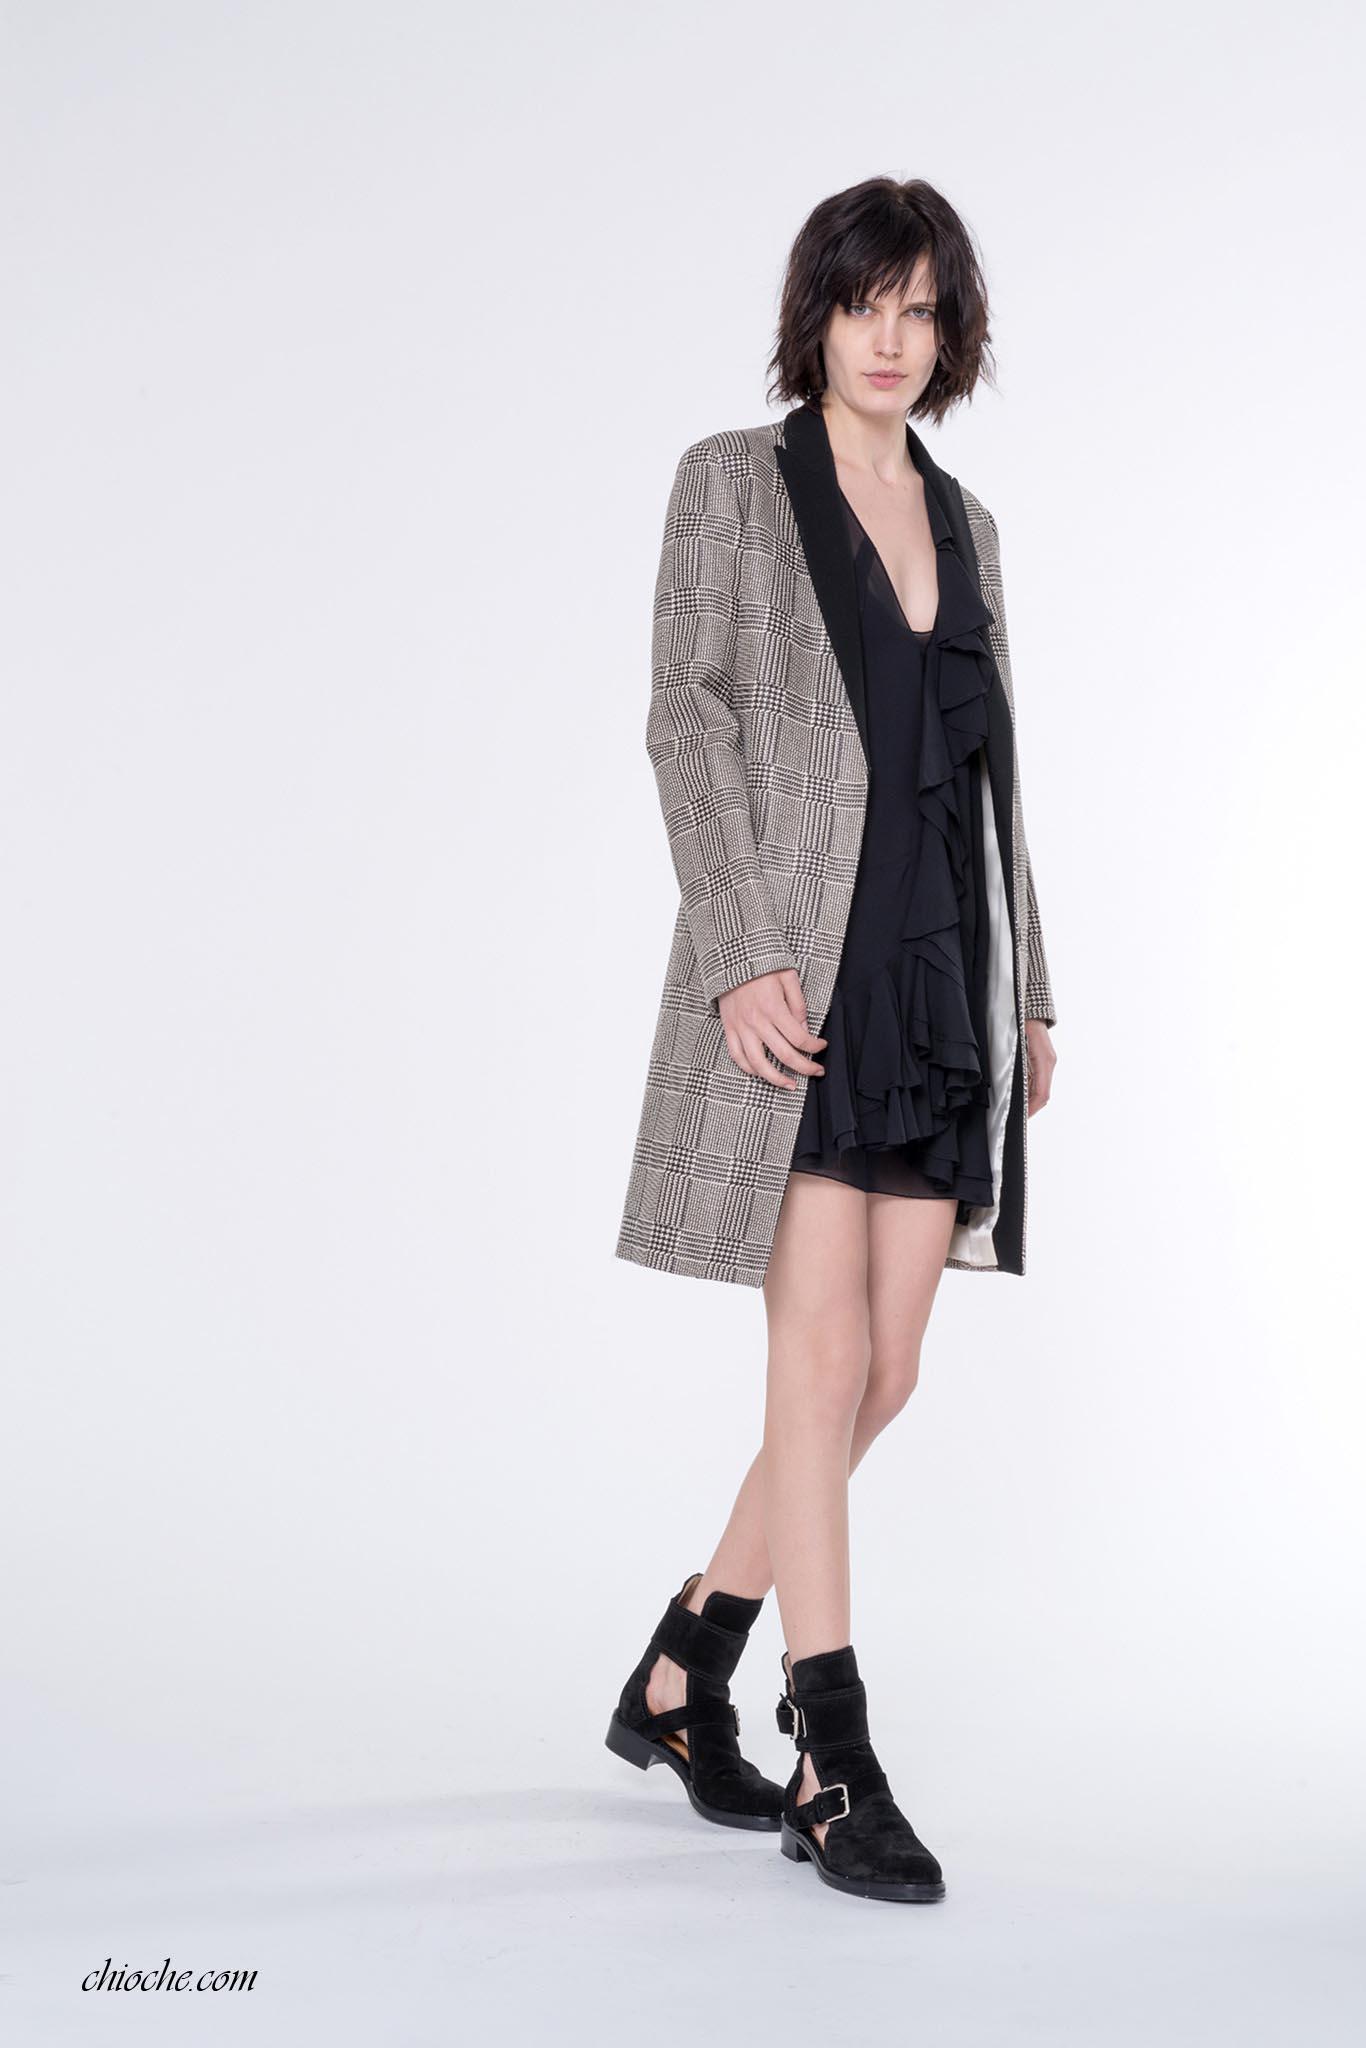 لباس عقد کنان مدل کت و دامن زنانه | چی و چه